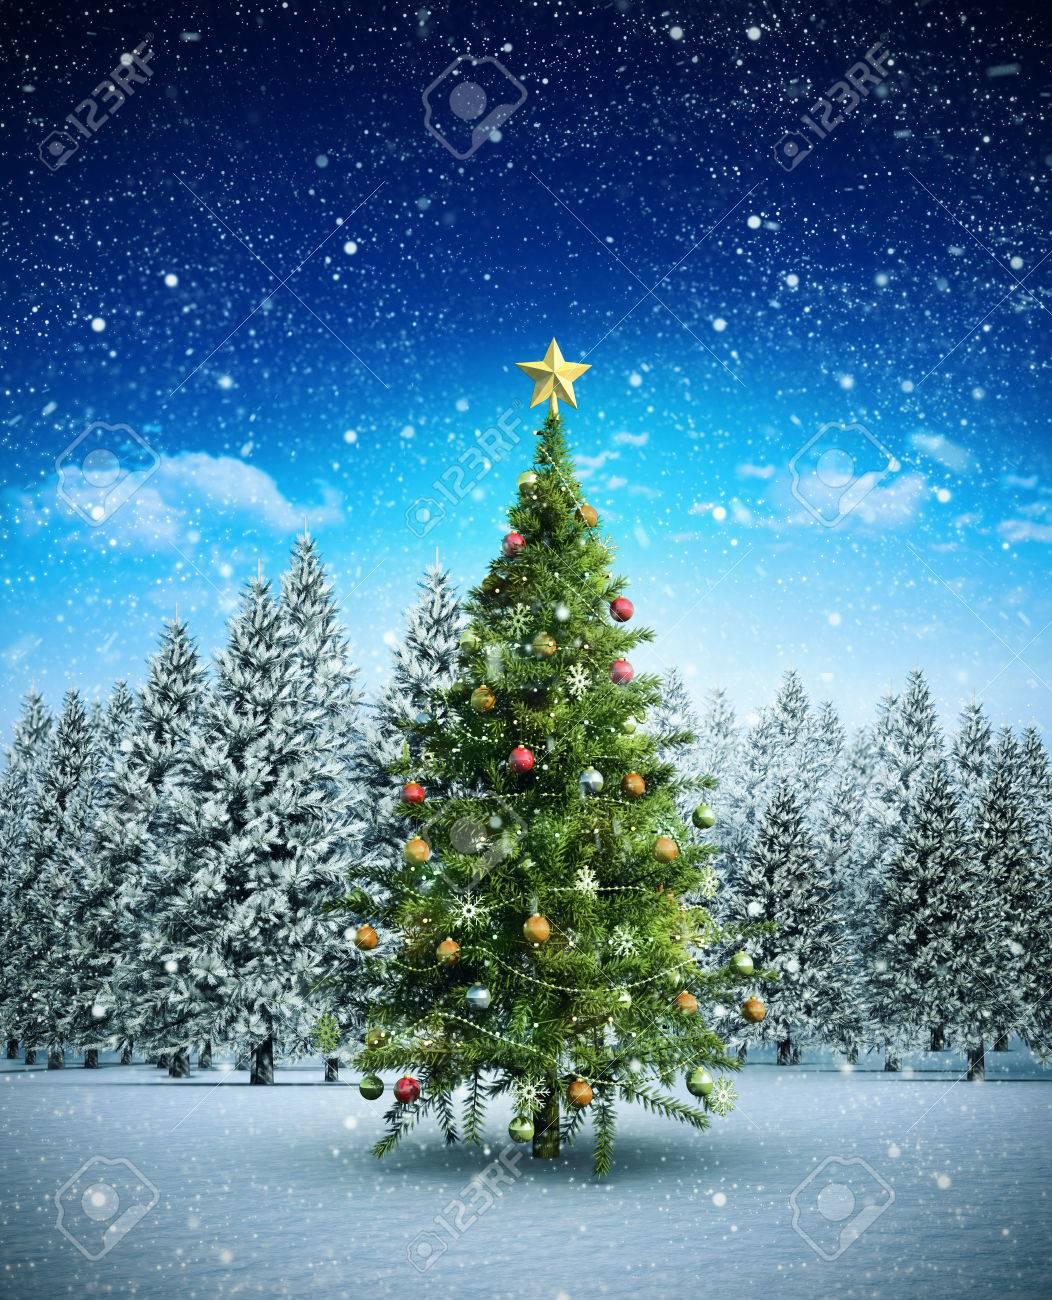 imagen compuesta de rbol de navidad contra el bosque del rbol de abeto en paisaje nevado